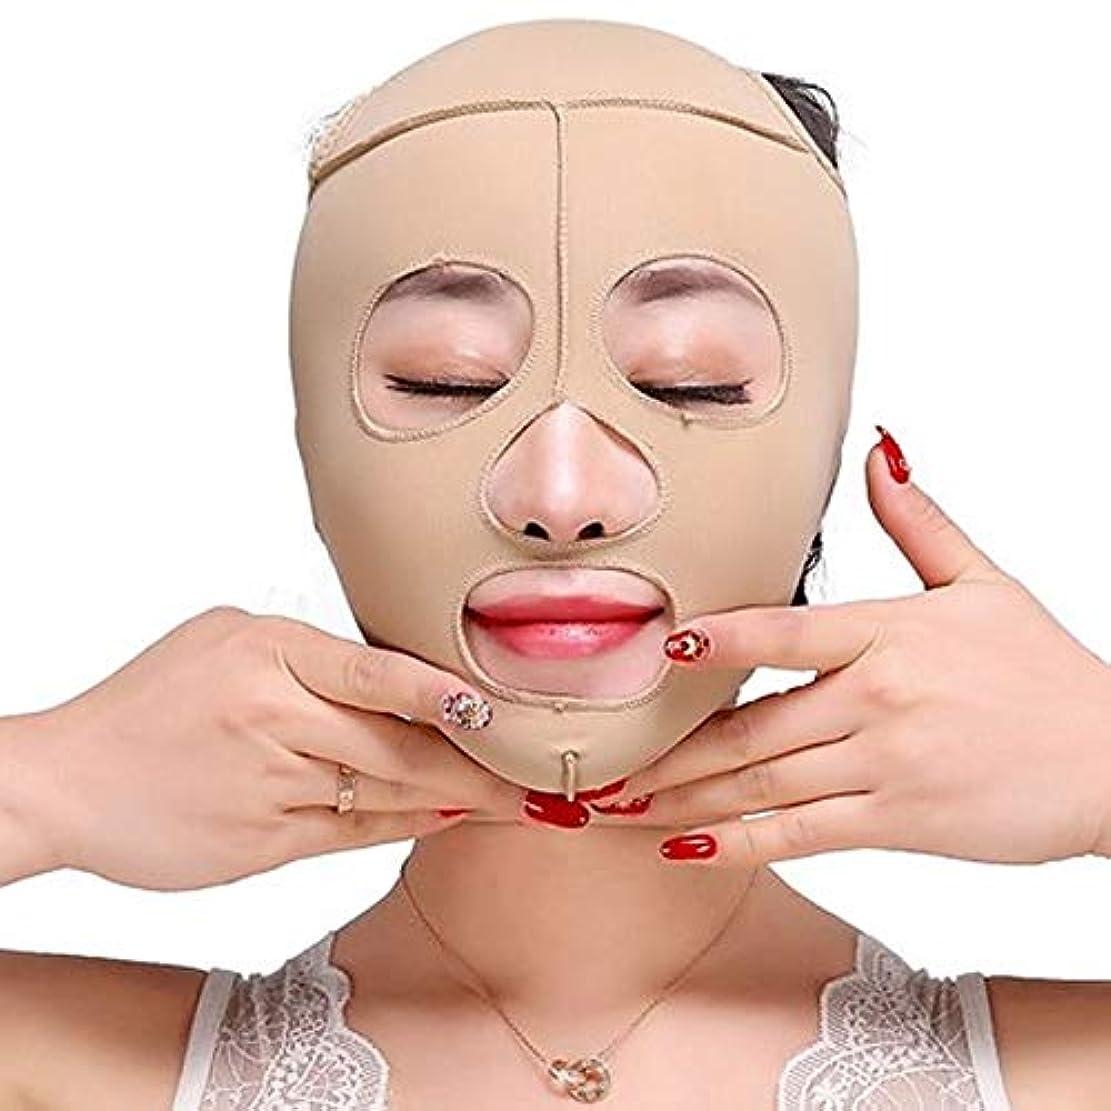 まつげ視線抱擁Minmin フェイスリフティングアーティファクト睡眠薄い顔顔の顔薄い顔V顔マスク二重あご薄い顔包帯肌色 みんみんVラインフェイスマスク (Size : S)